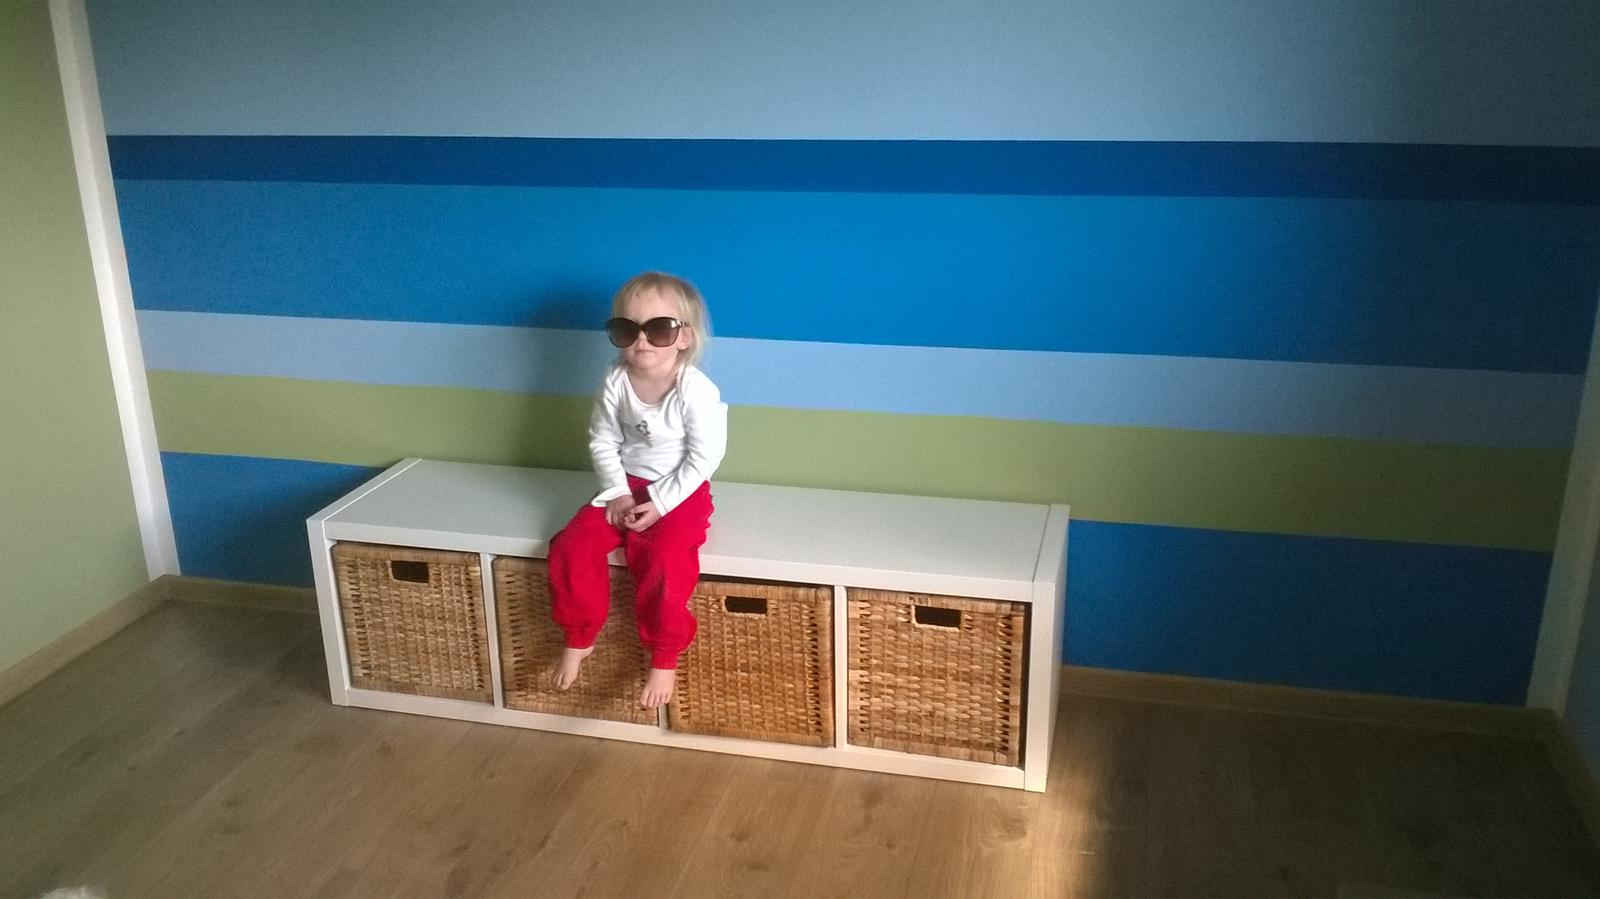 Stavba pasivního domu - První kousek nábytku v pokojíčku hotovýýýý!